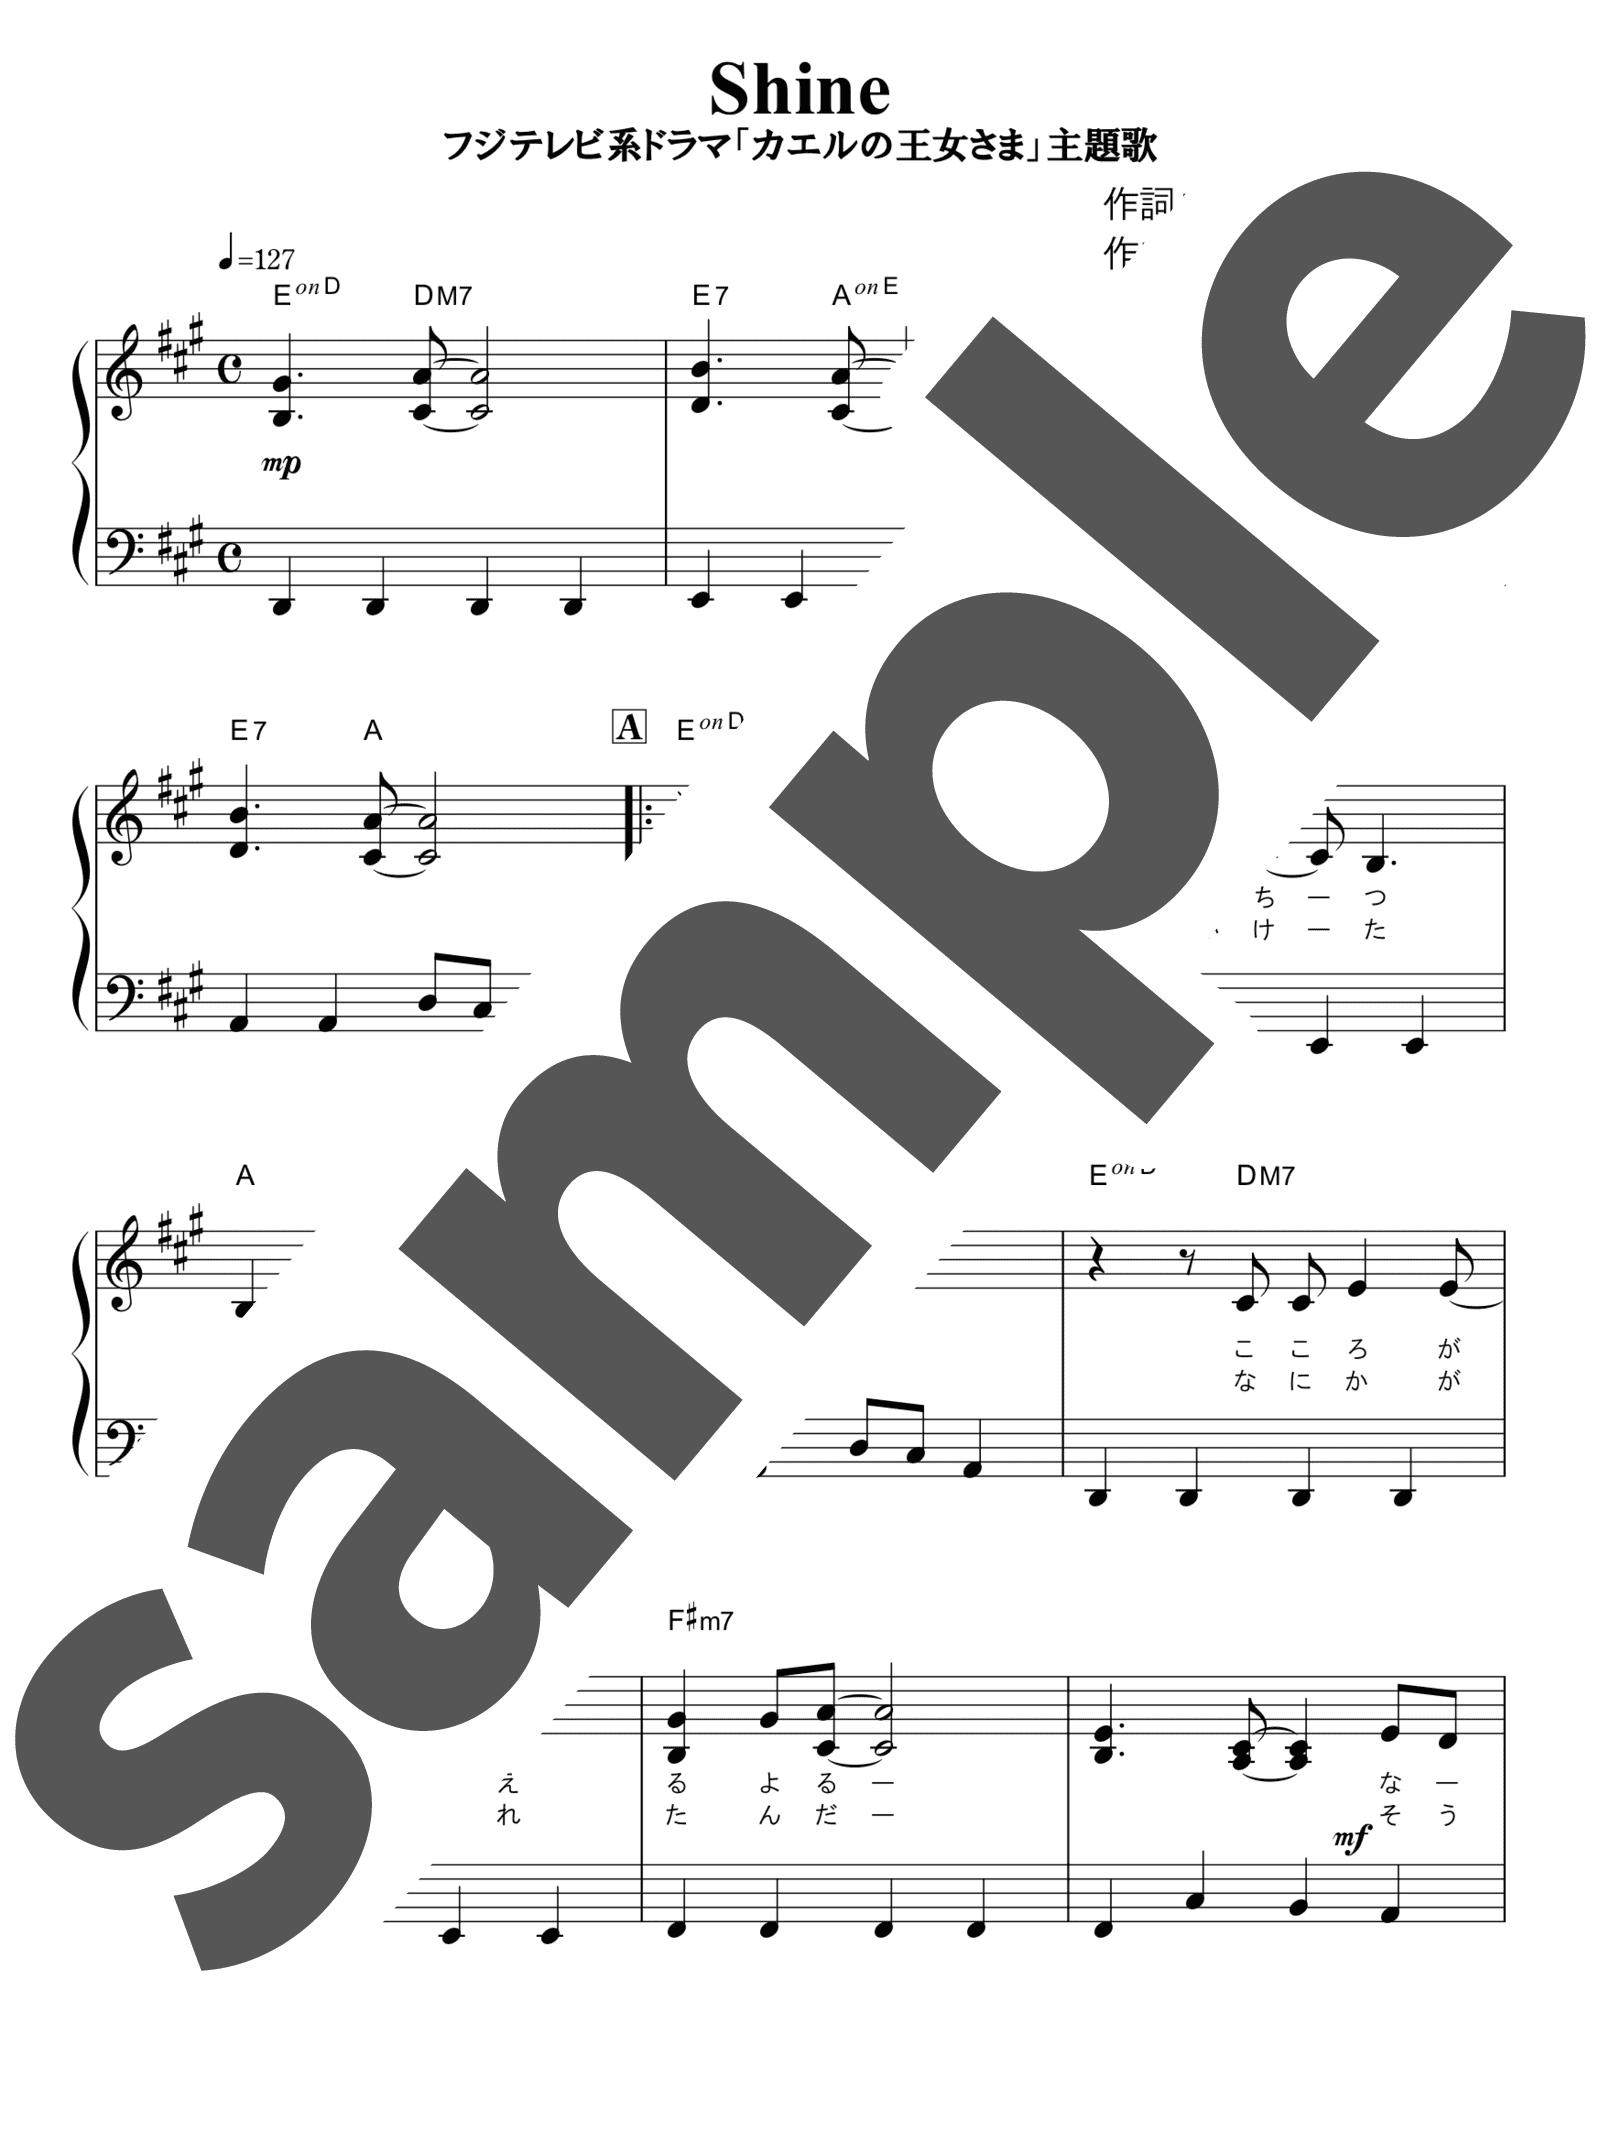 「Shine」のサンプル楽譜